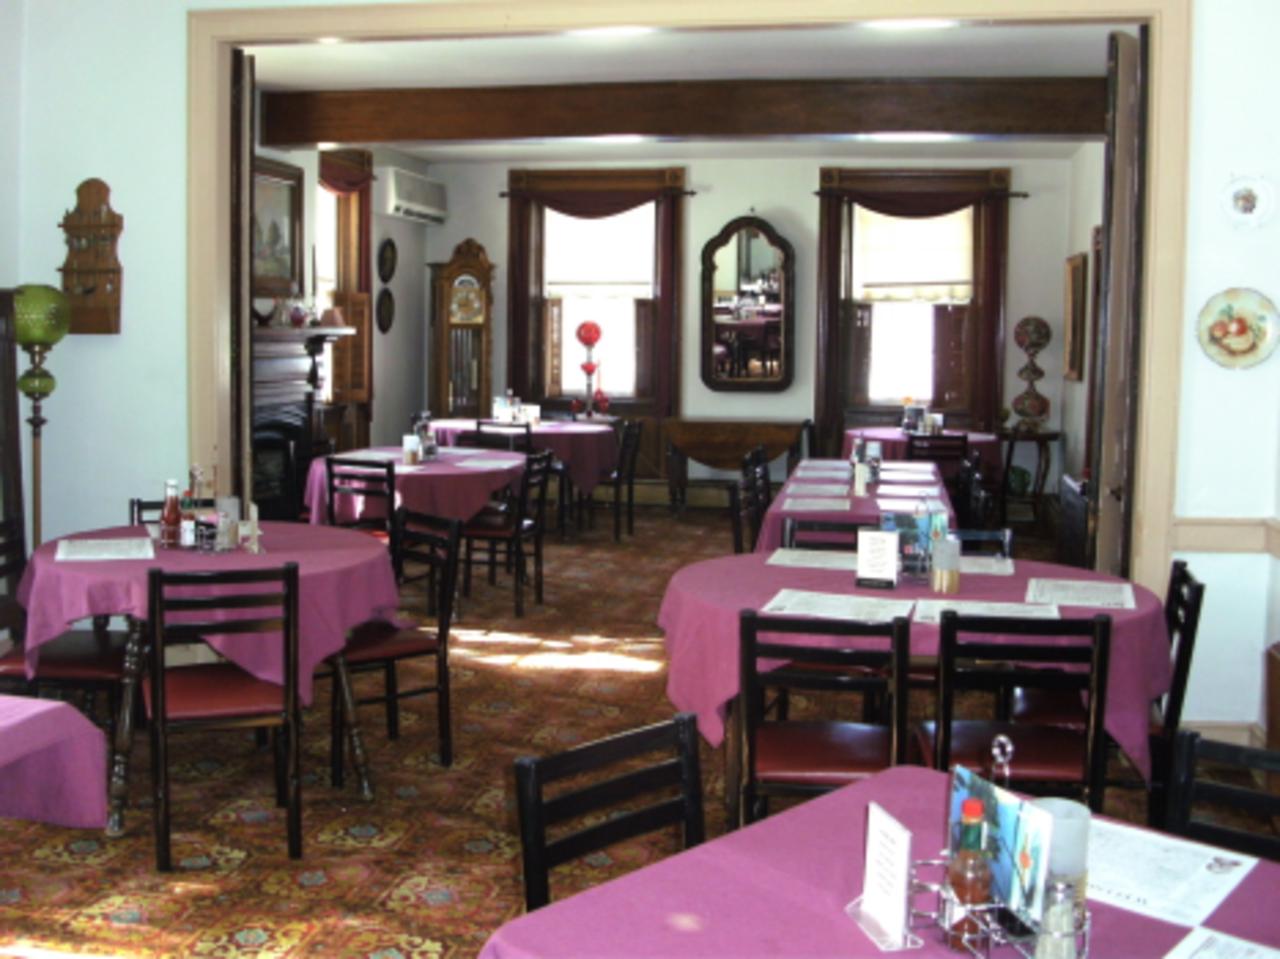 Drover's Inn Restaurant & Tavern - Food and Beverage - Restaurants in Wellsburg WV